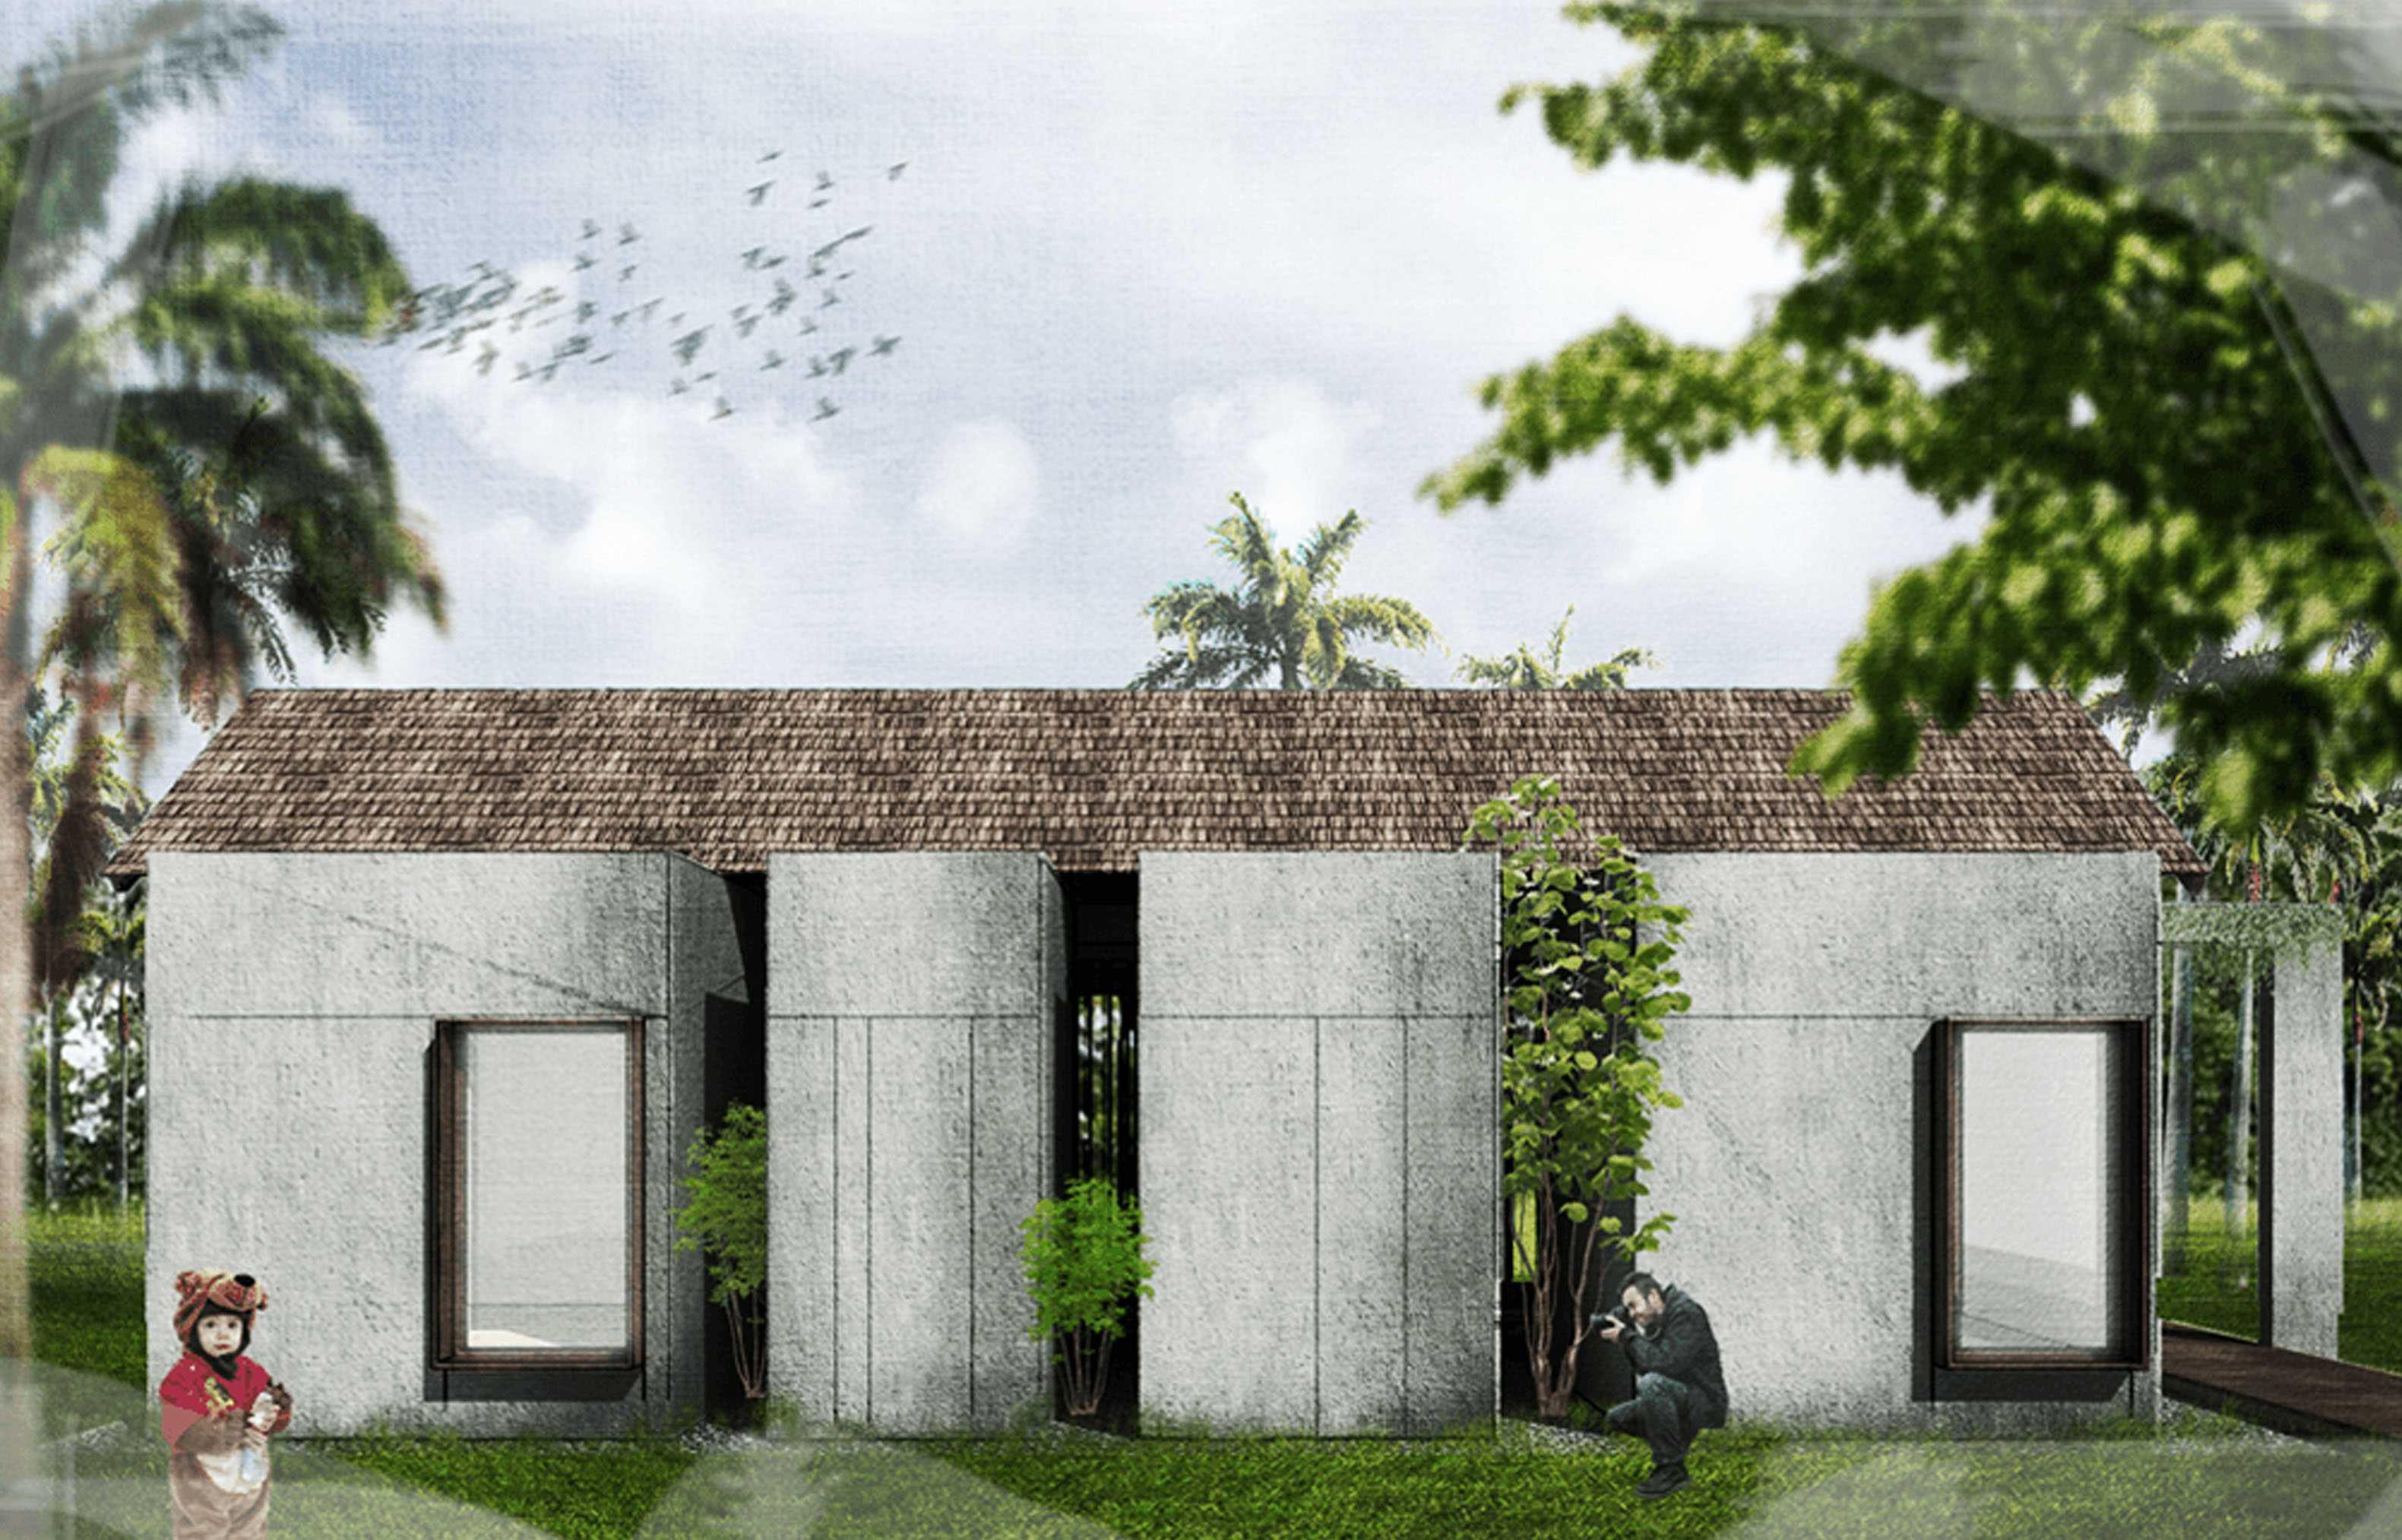 Studio Benang Merah A-1601 Seribu Guest House Kepulauan Seribu Regency, Jakarta, Indonesia Kepulauan Seribu Regency, Jakarta, Indonesia 3 Kontemporer,skandinavia,modern  36820